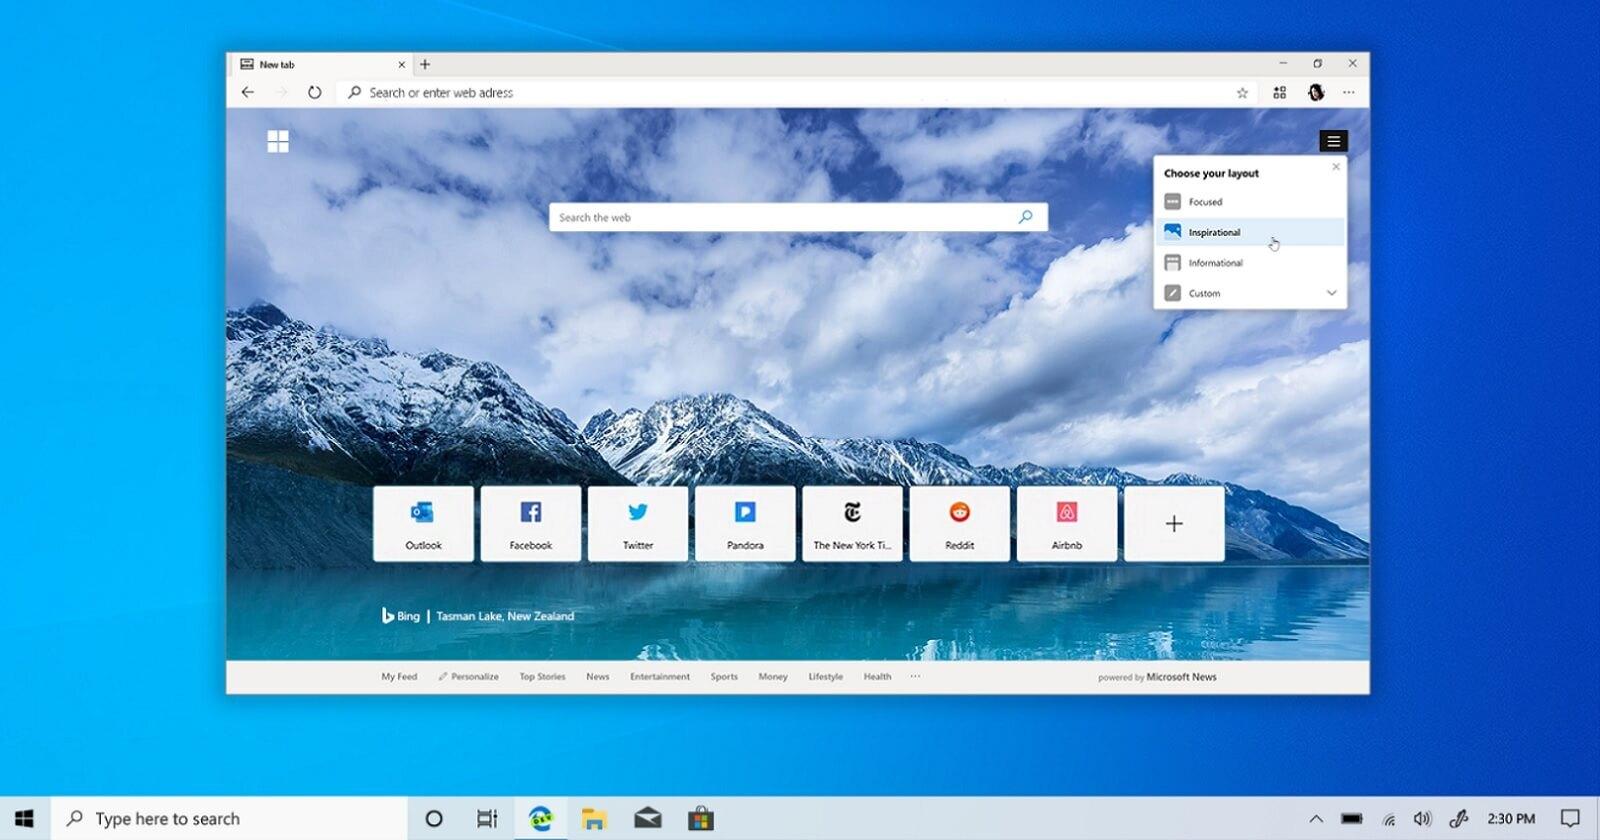 Microsoft пообещала сделать браузер Edge «самым производительным» на Windows 10